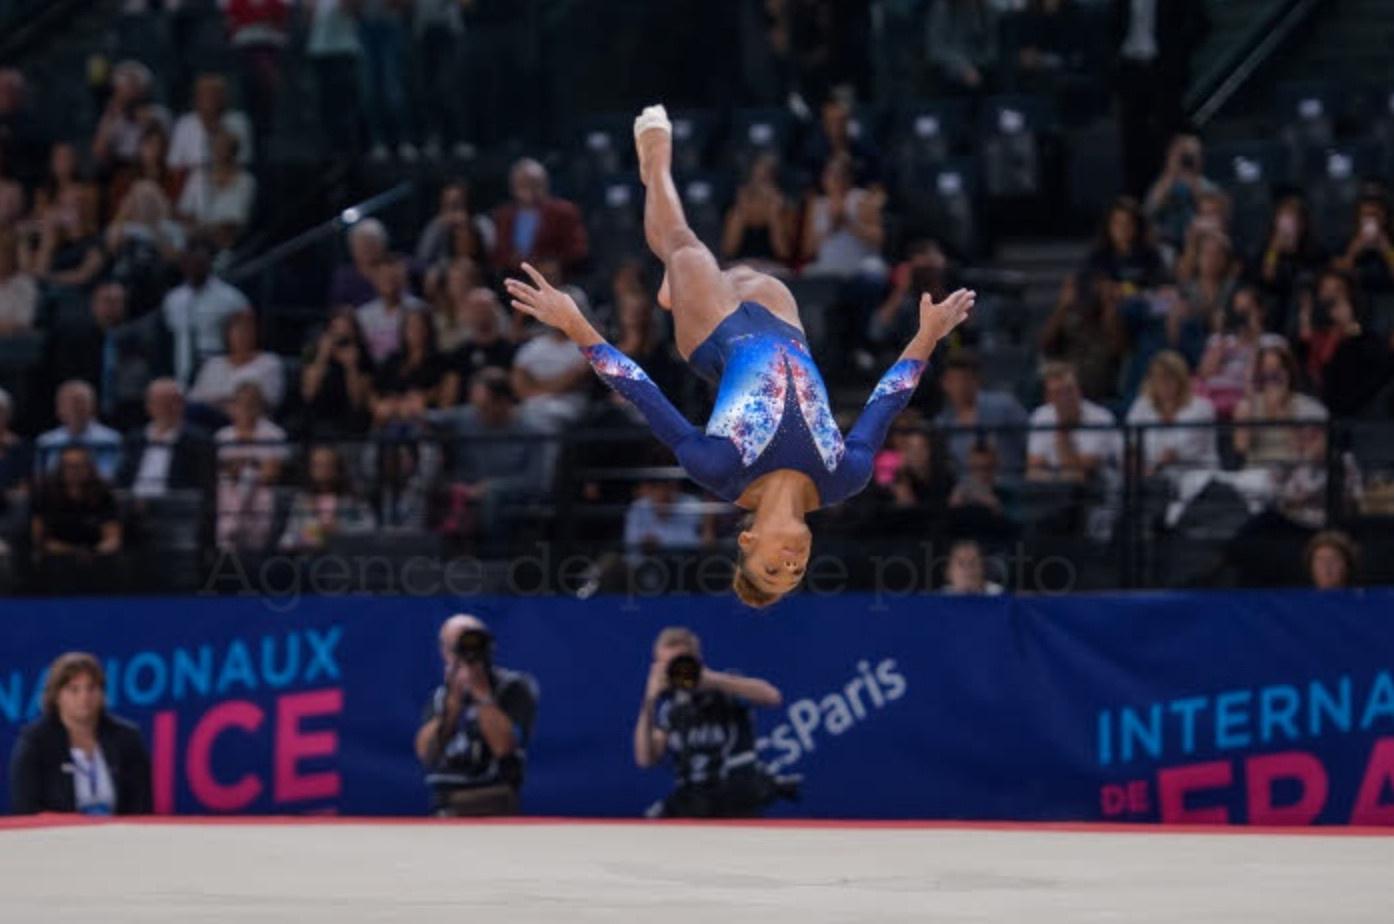 Gymnastique A Faire Chez Soi internationaux de france de gymnastique 2019 à l'accorhotels